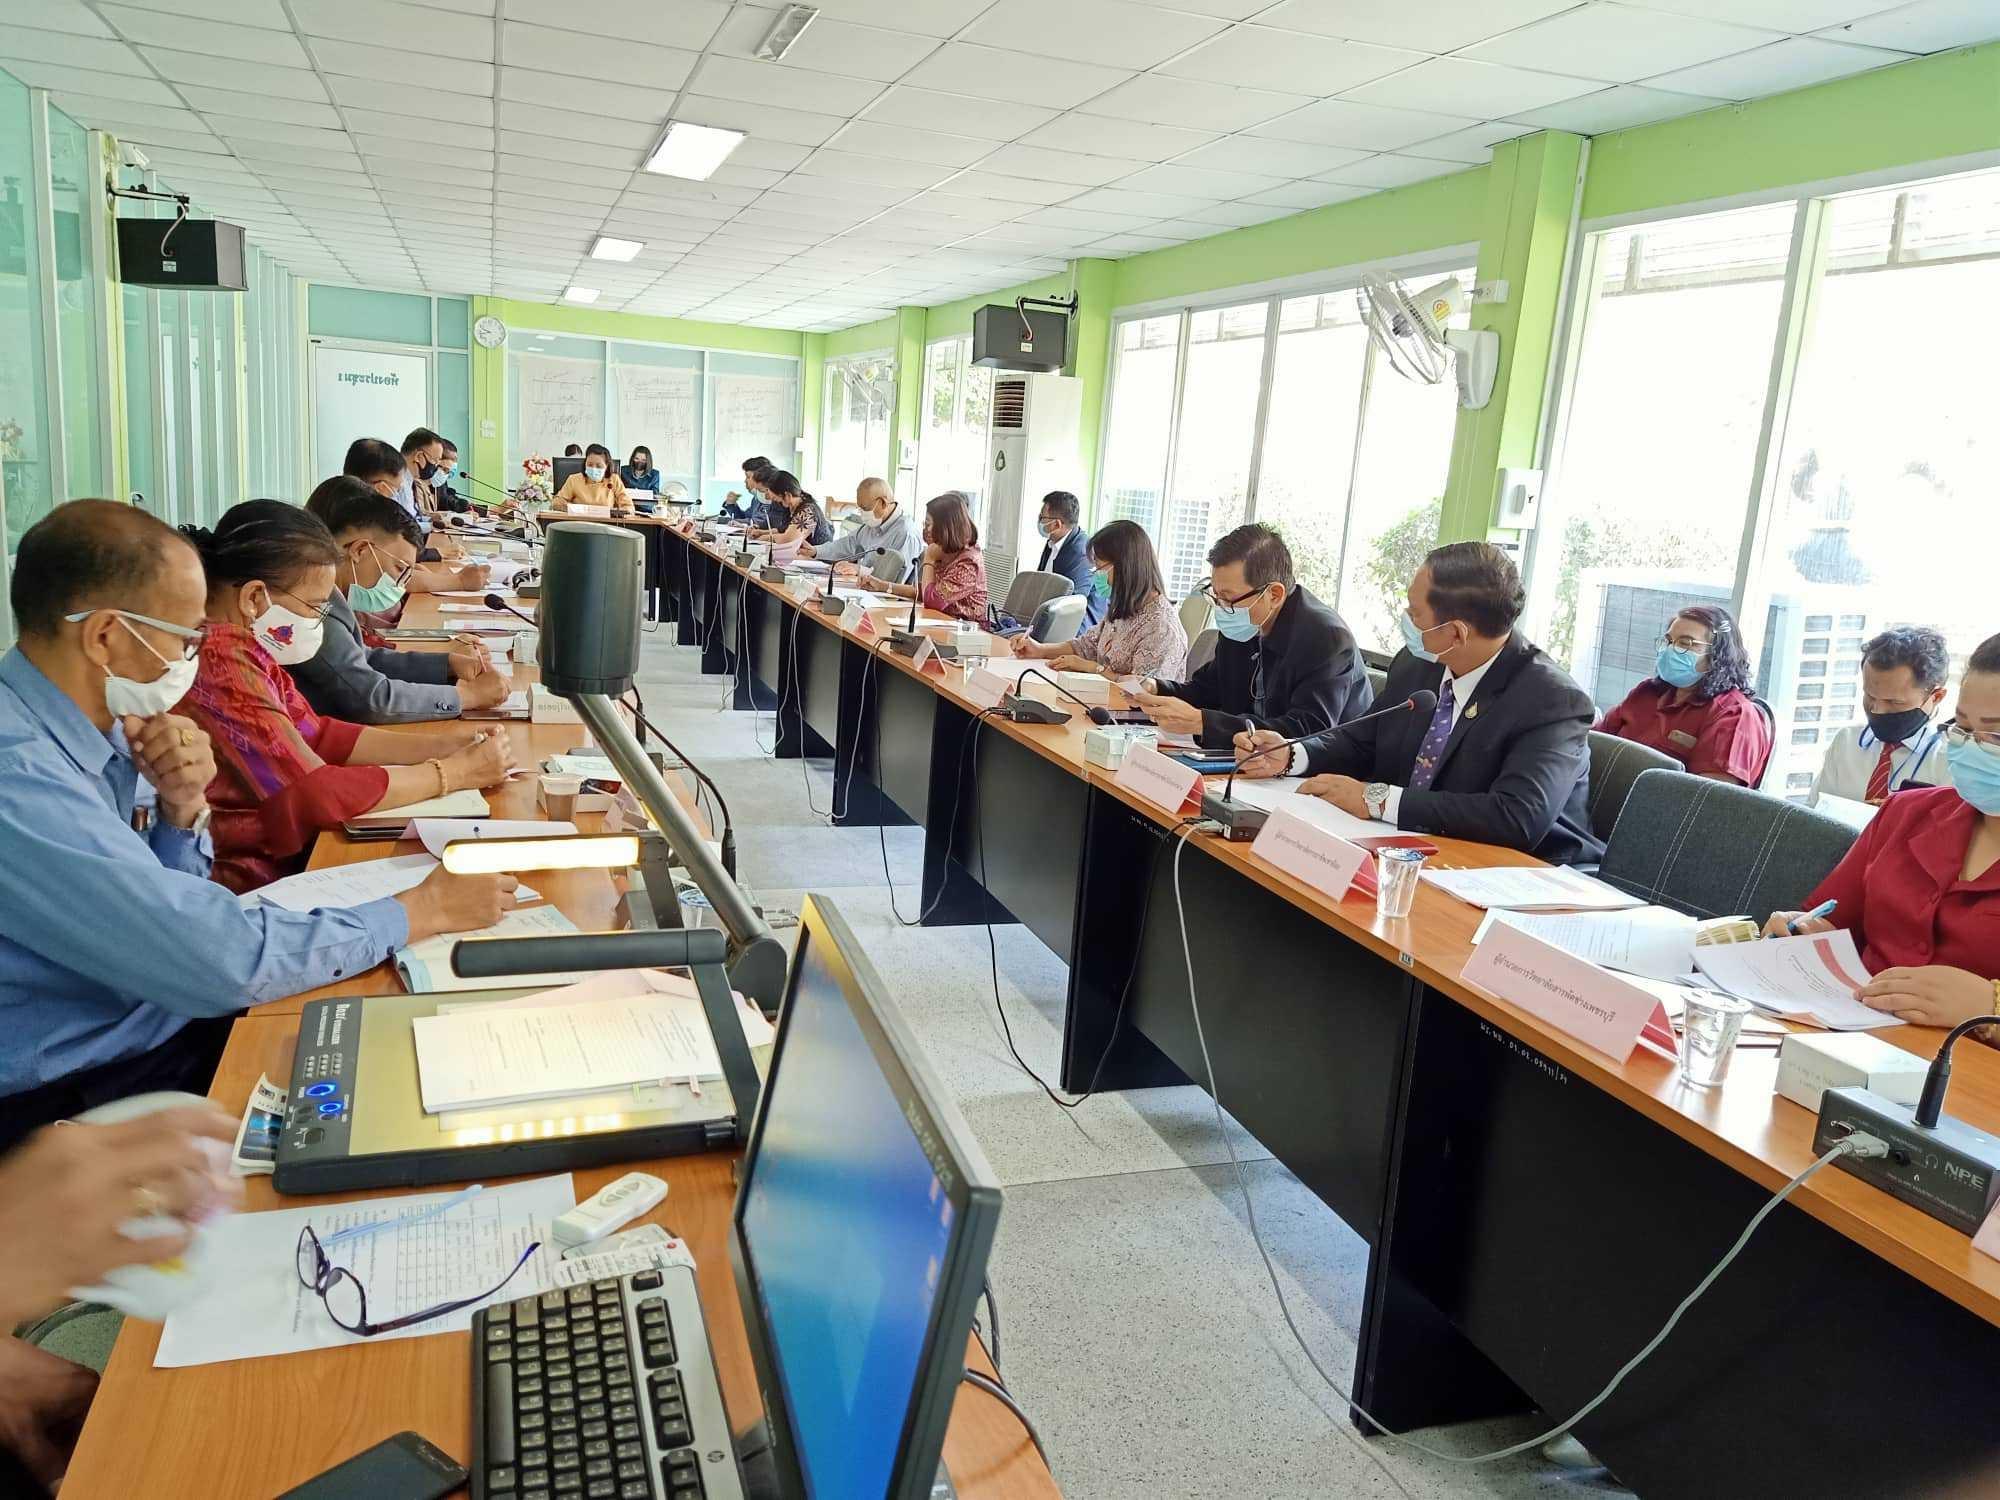 ประชุมคณะกรรมการดำเนินโครงการเพิ่มทักษะด้านอาชีพ